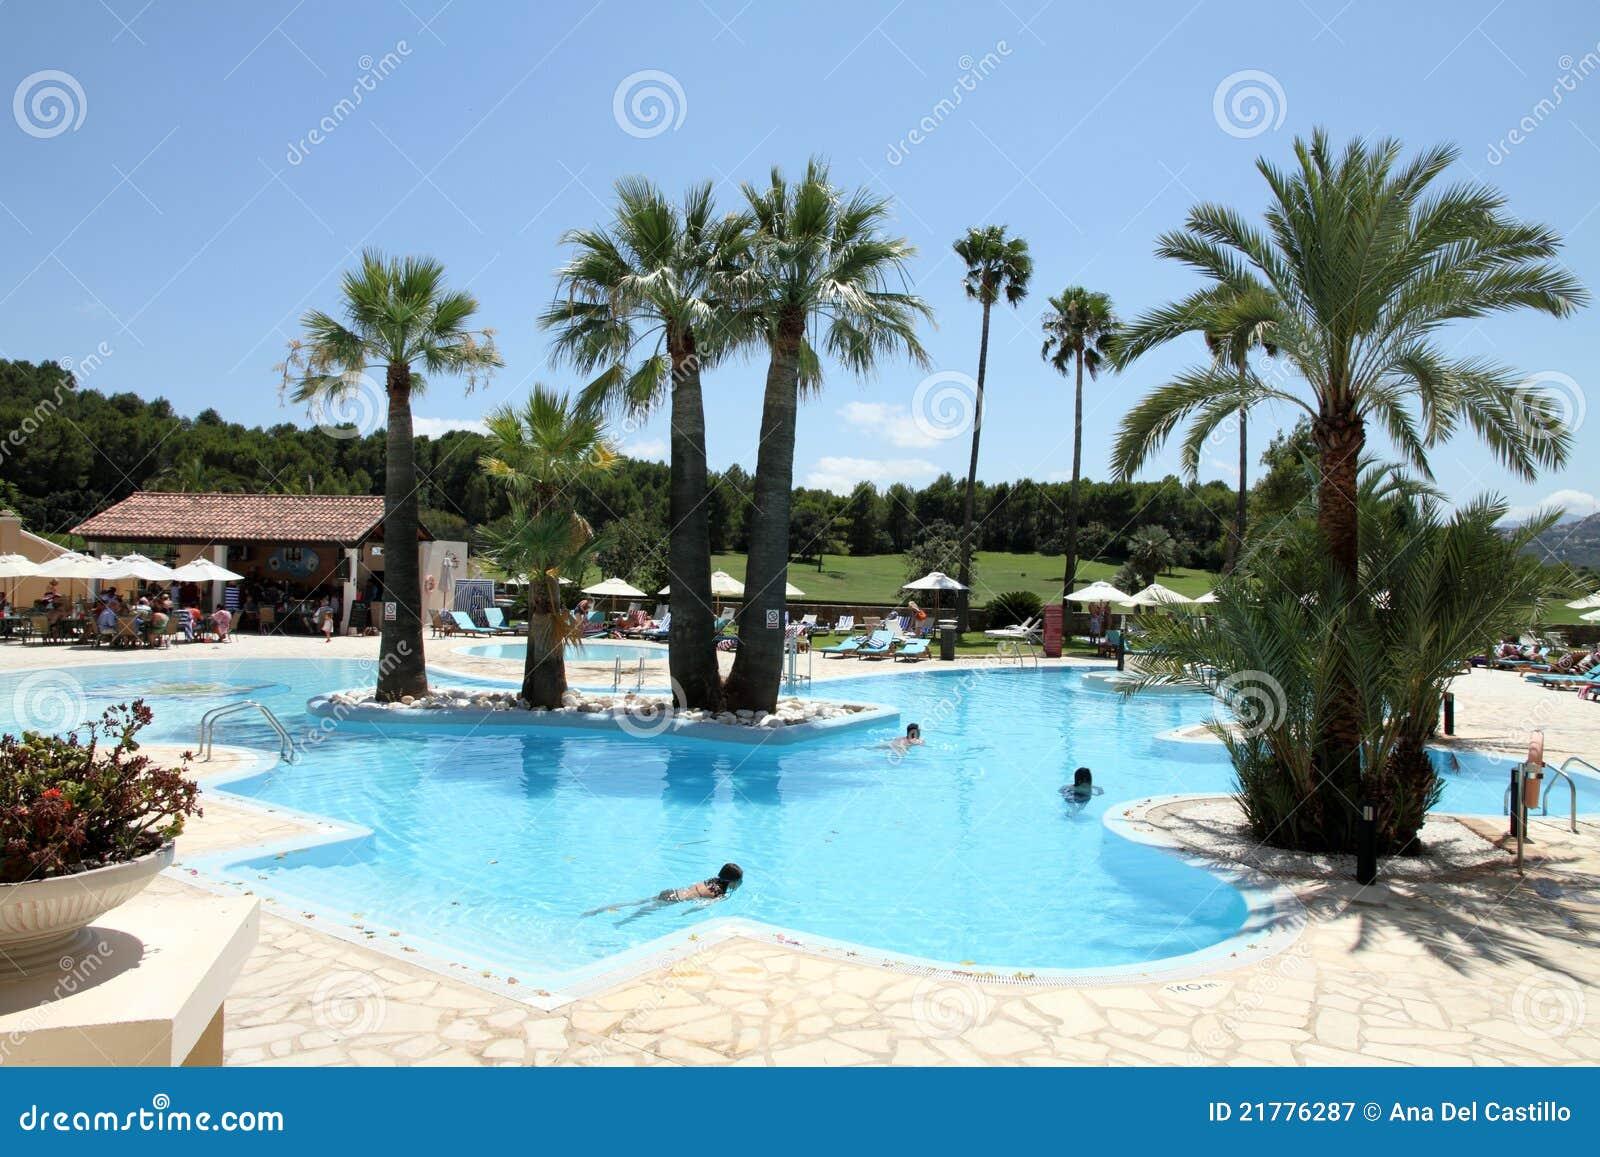 Swimming pool resort denia alicante spain royalty free - Hotels in alicante with swimming pool ...